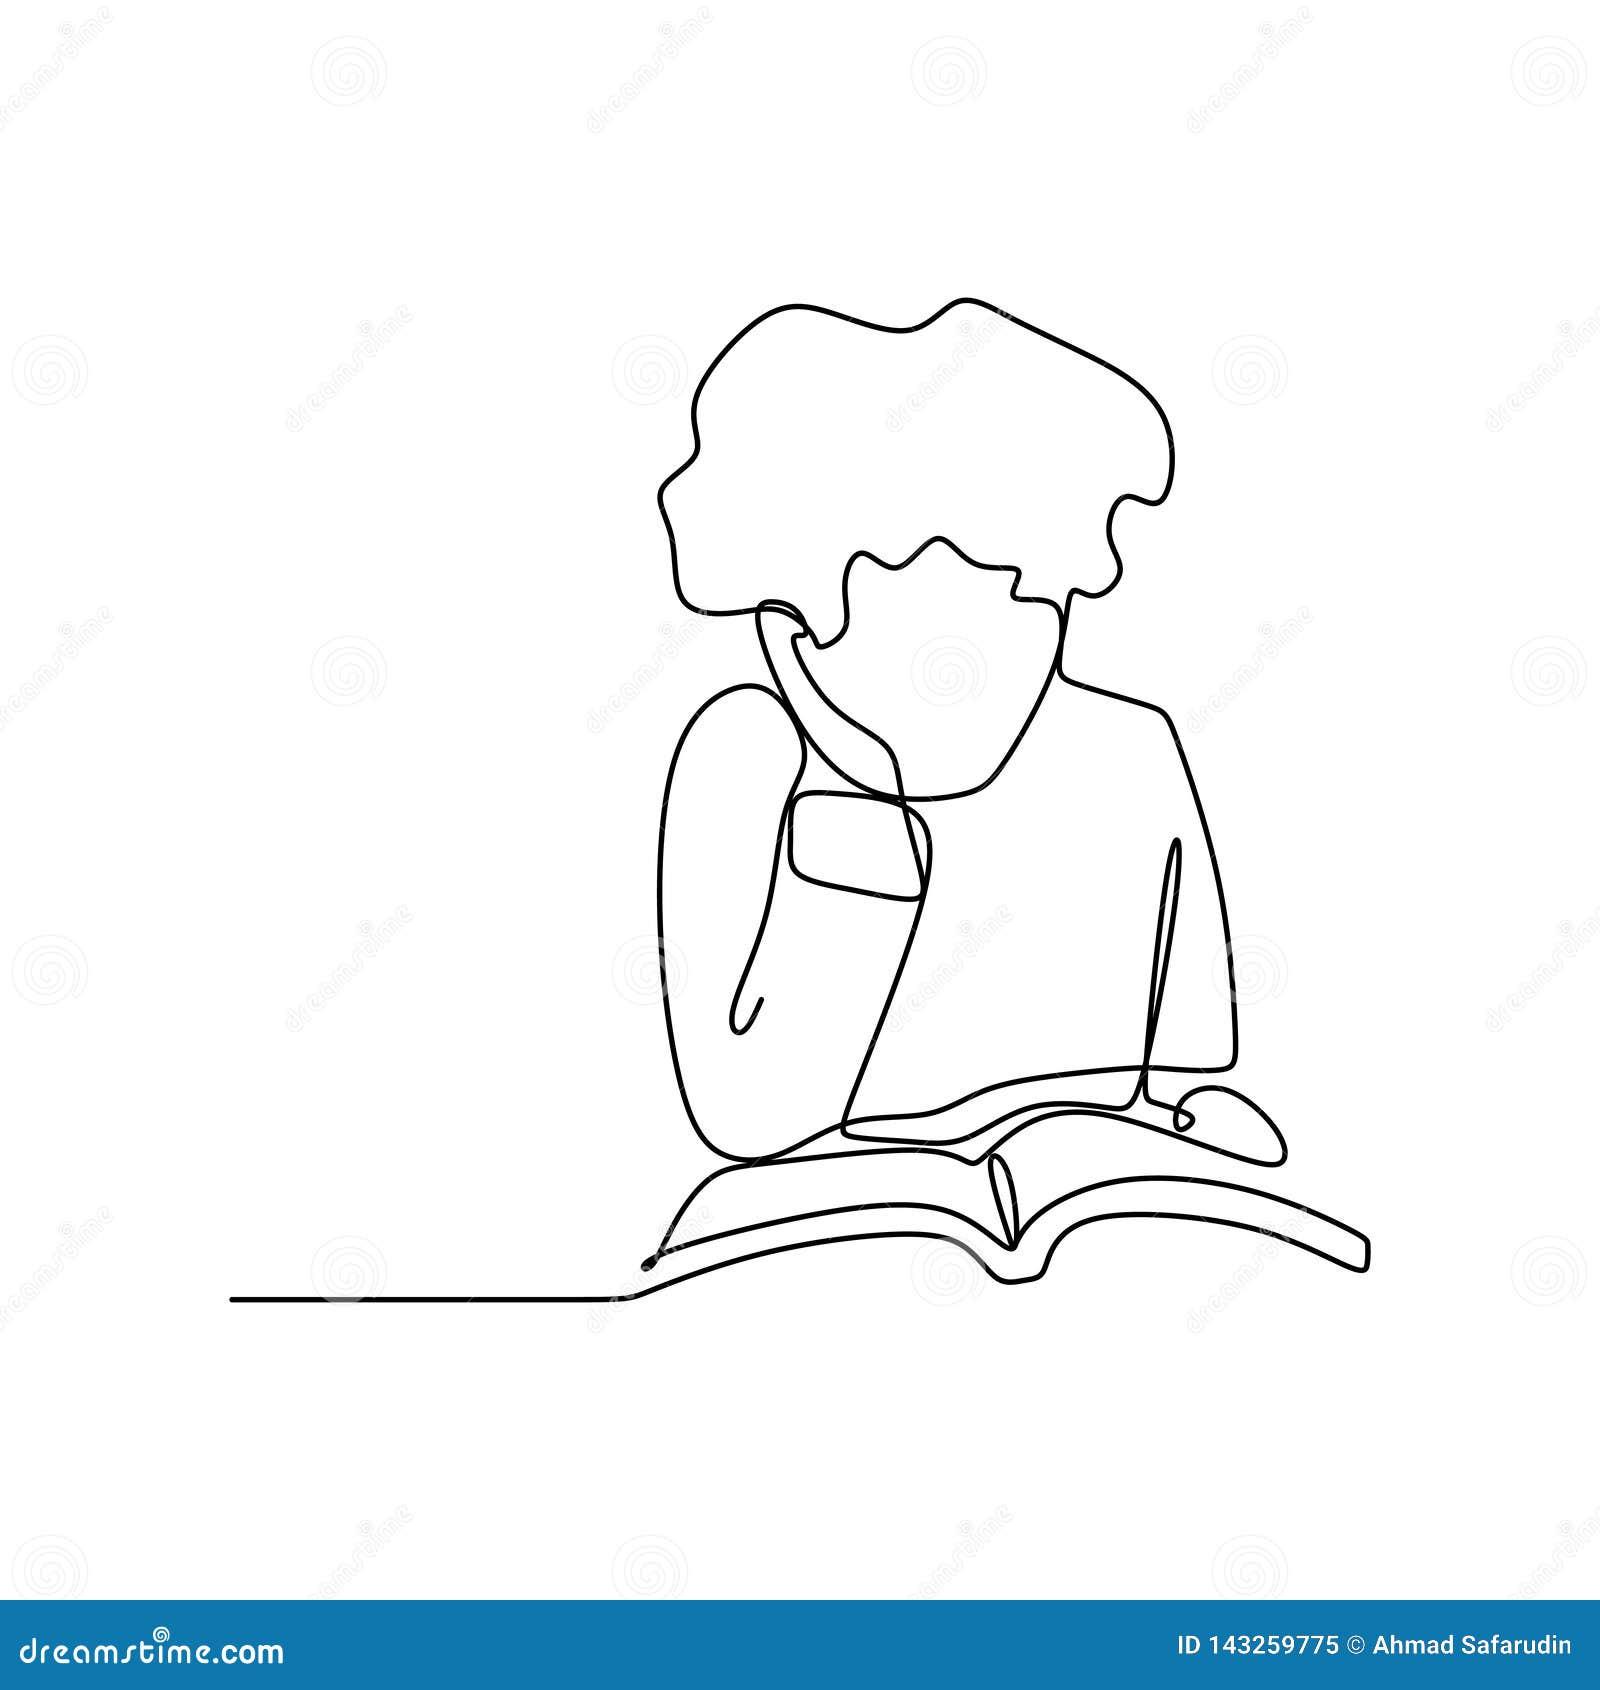 Dessin Au Trait Continu D Un Enfant Lisant Un Livre